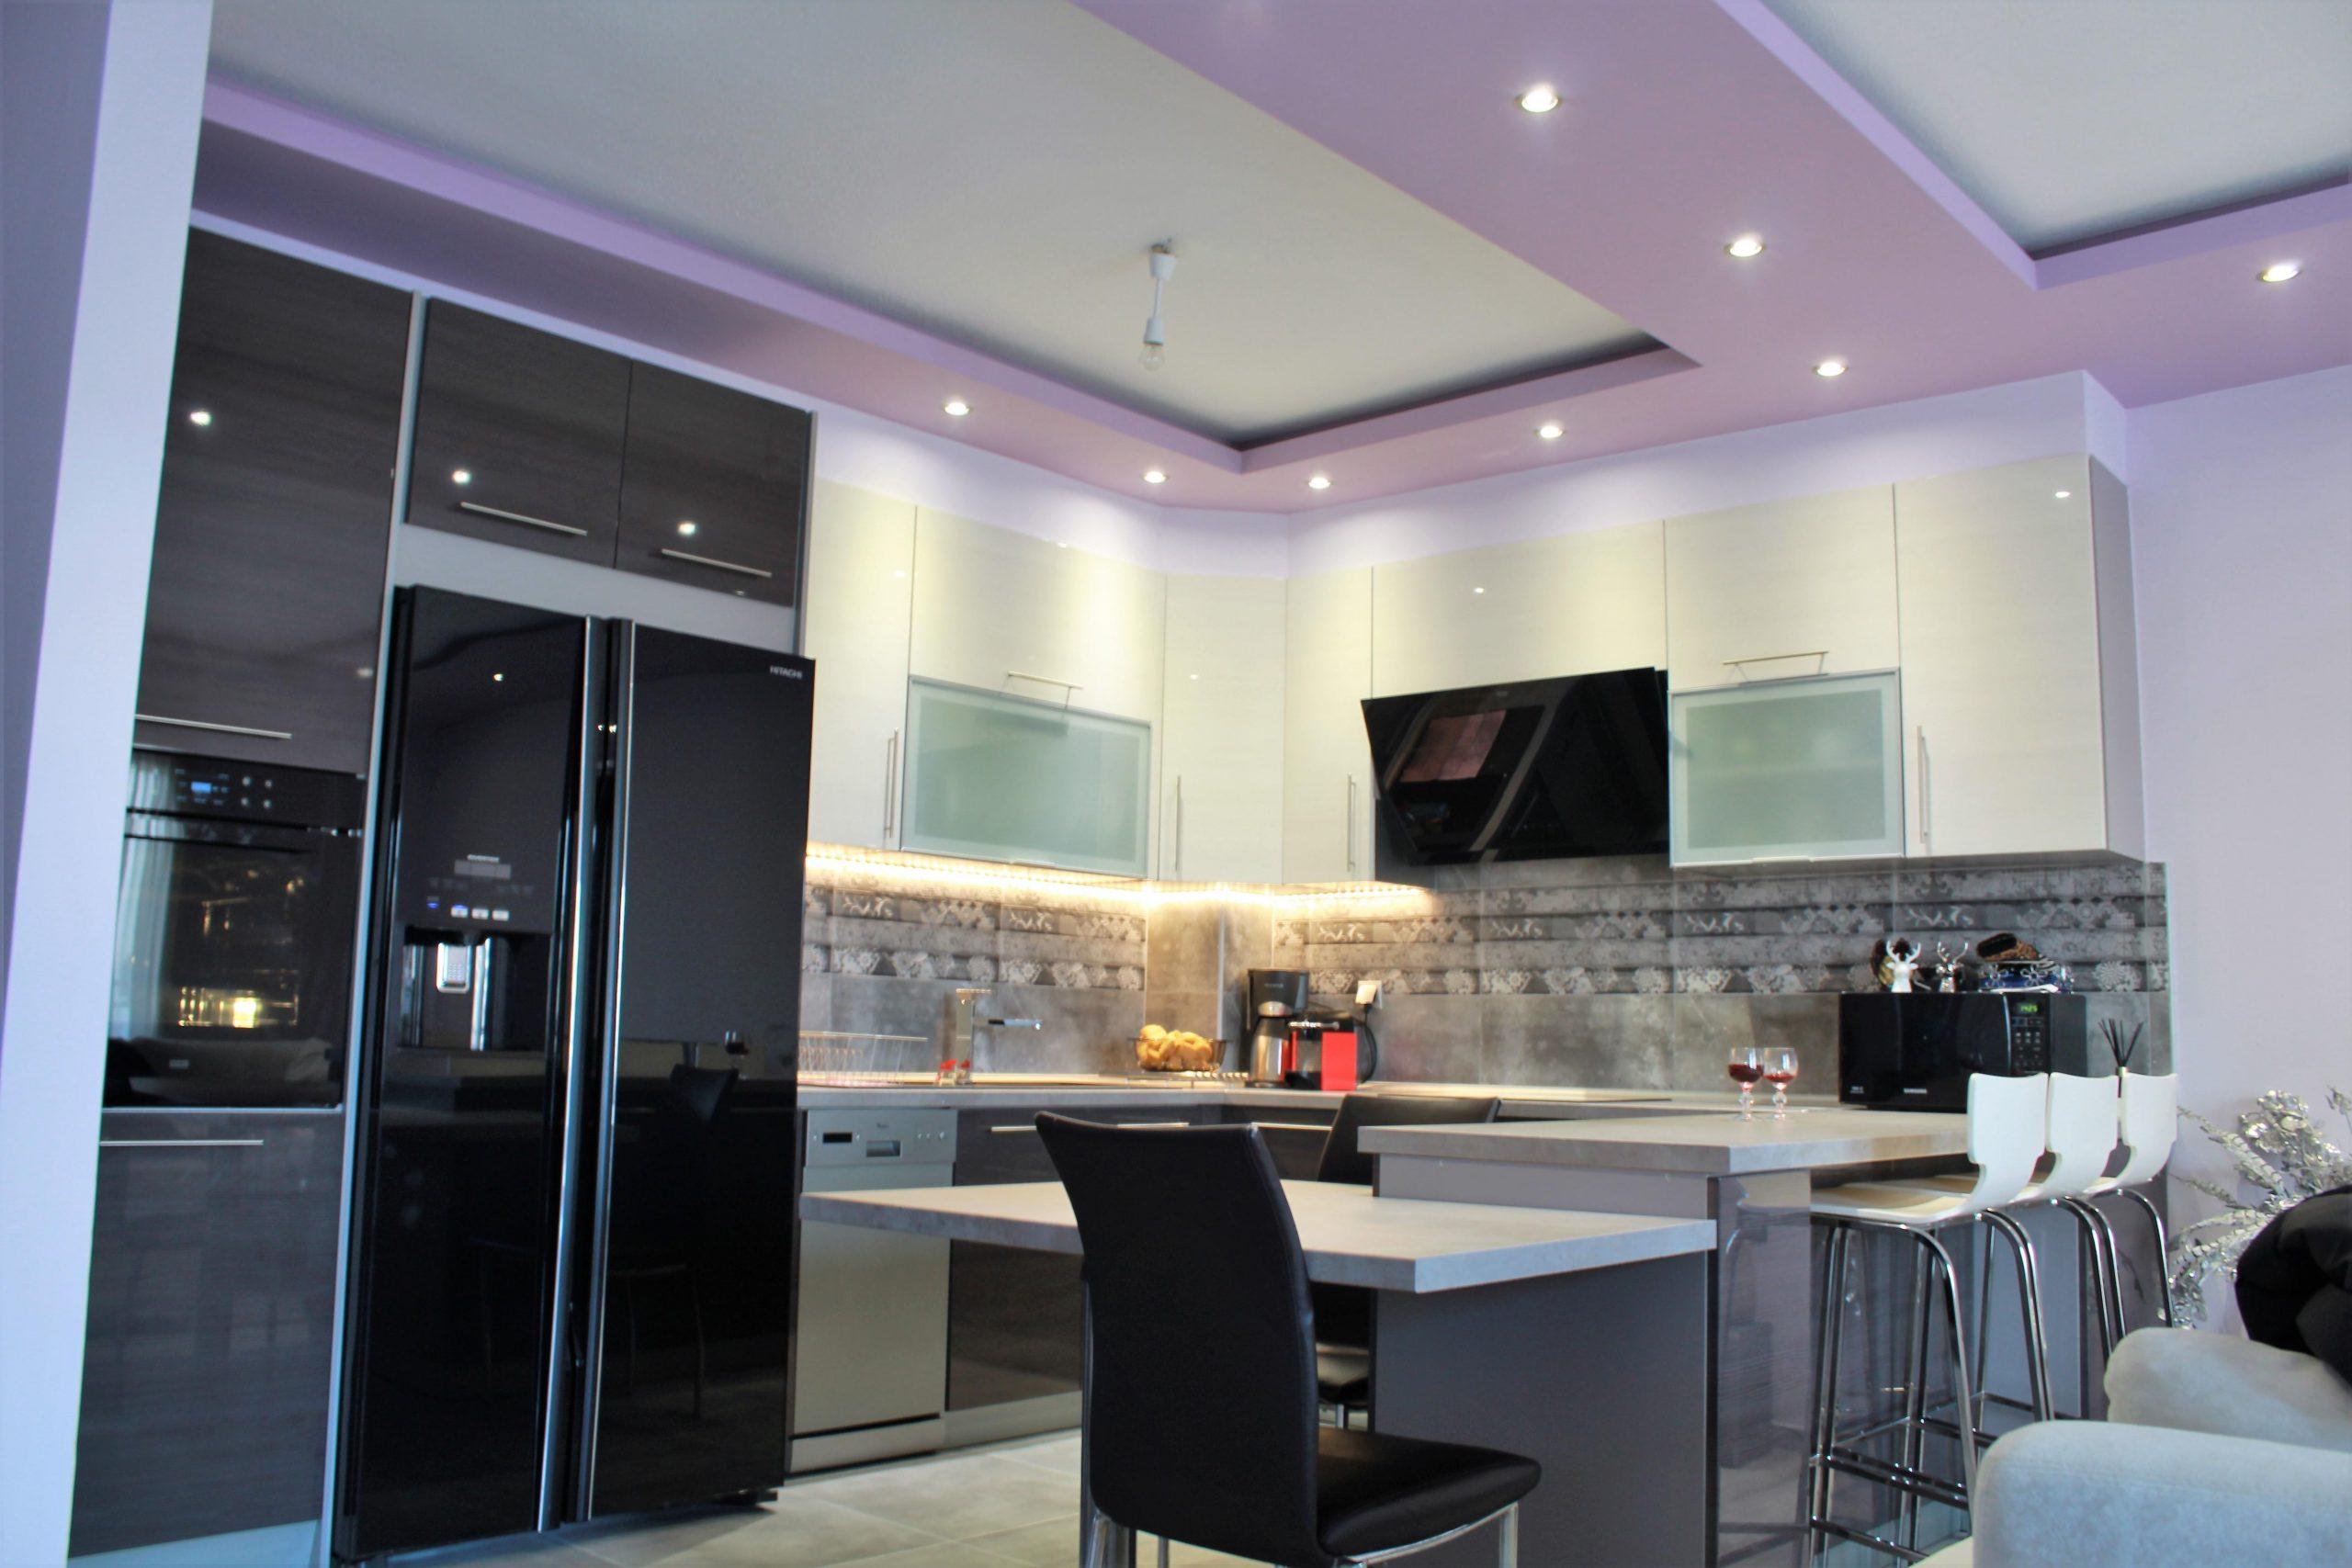 Τοποθέτηση κουζίνας σε διαμέρισμα στην Κοζάνη.